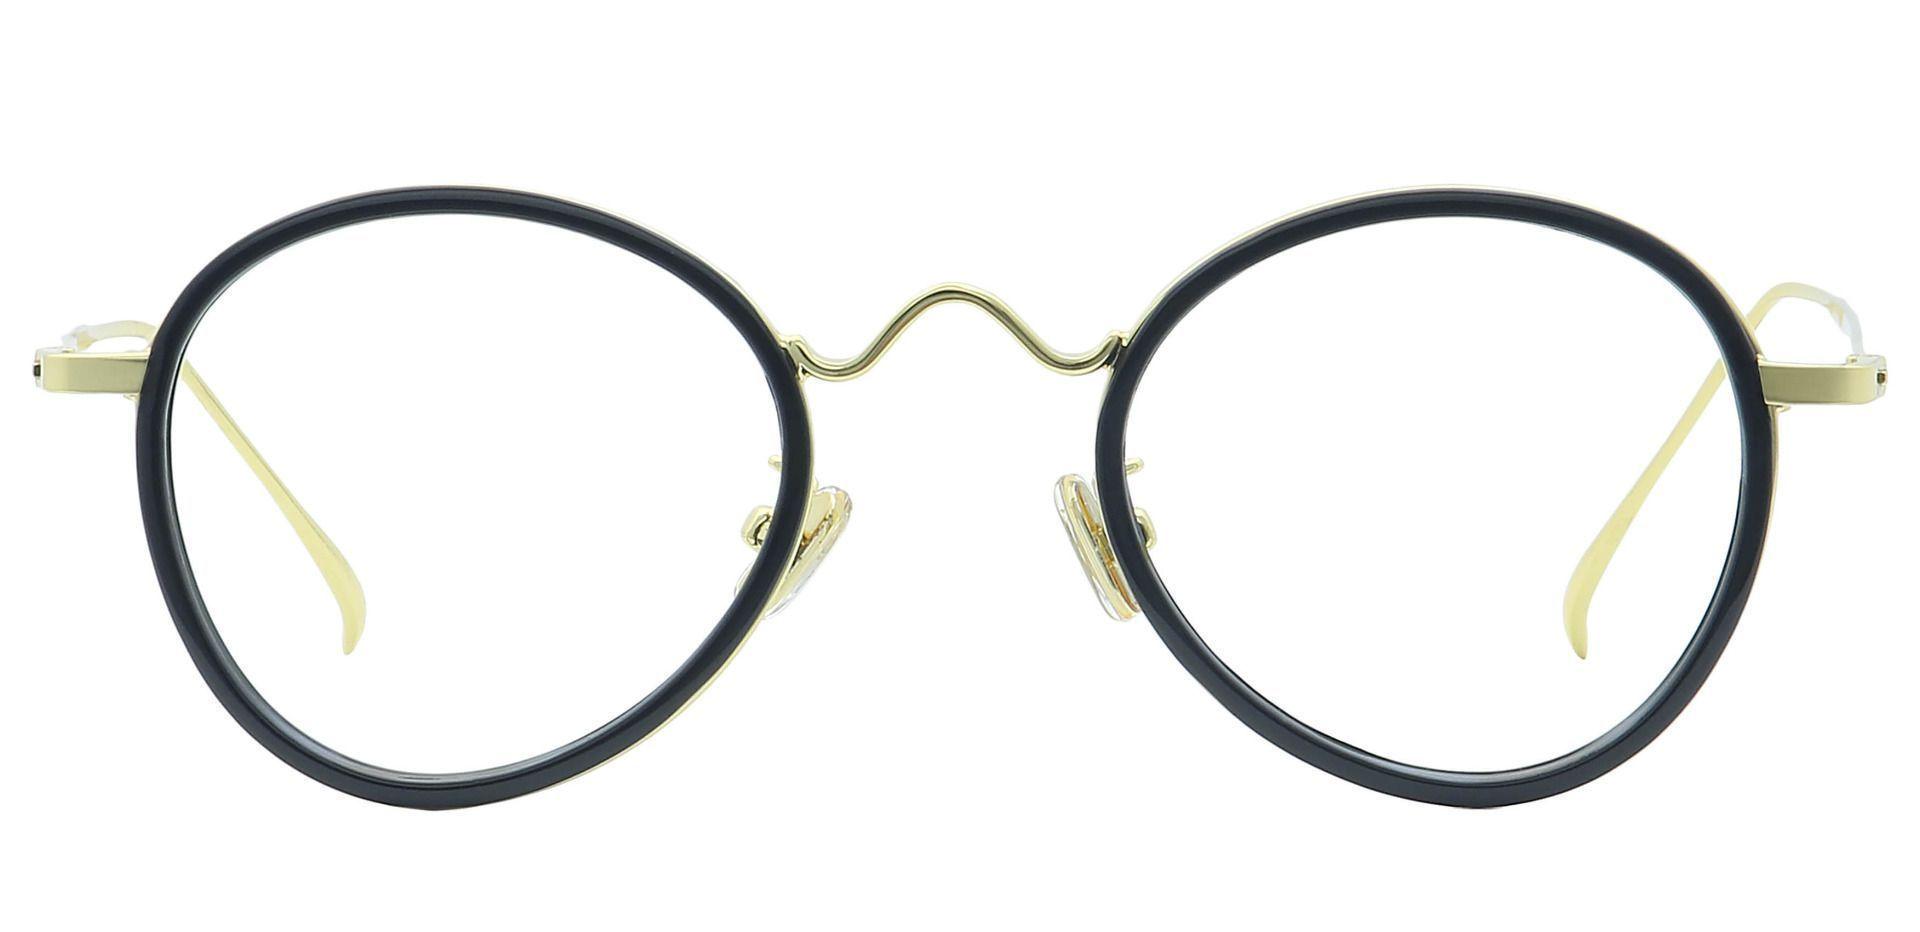 Emery Oval Prescription Glasses - Black